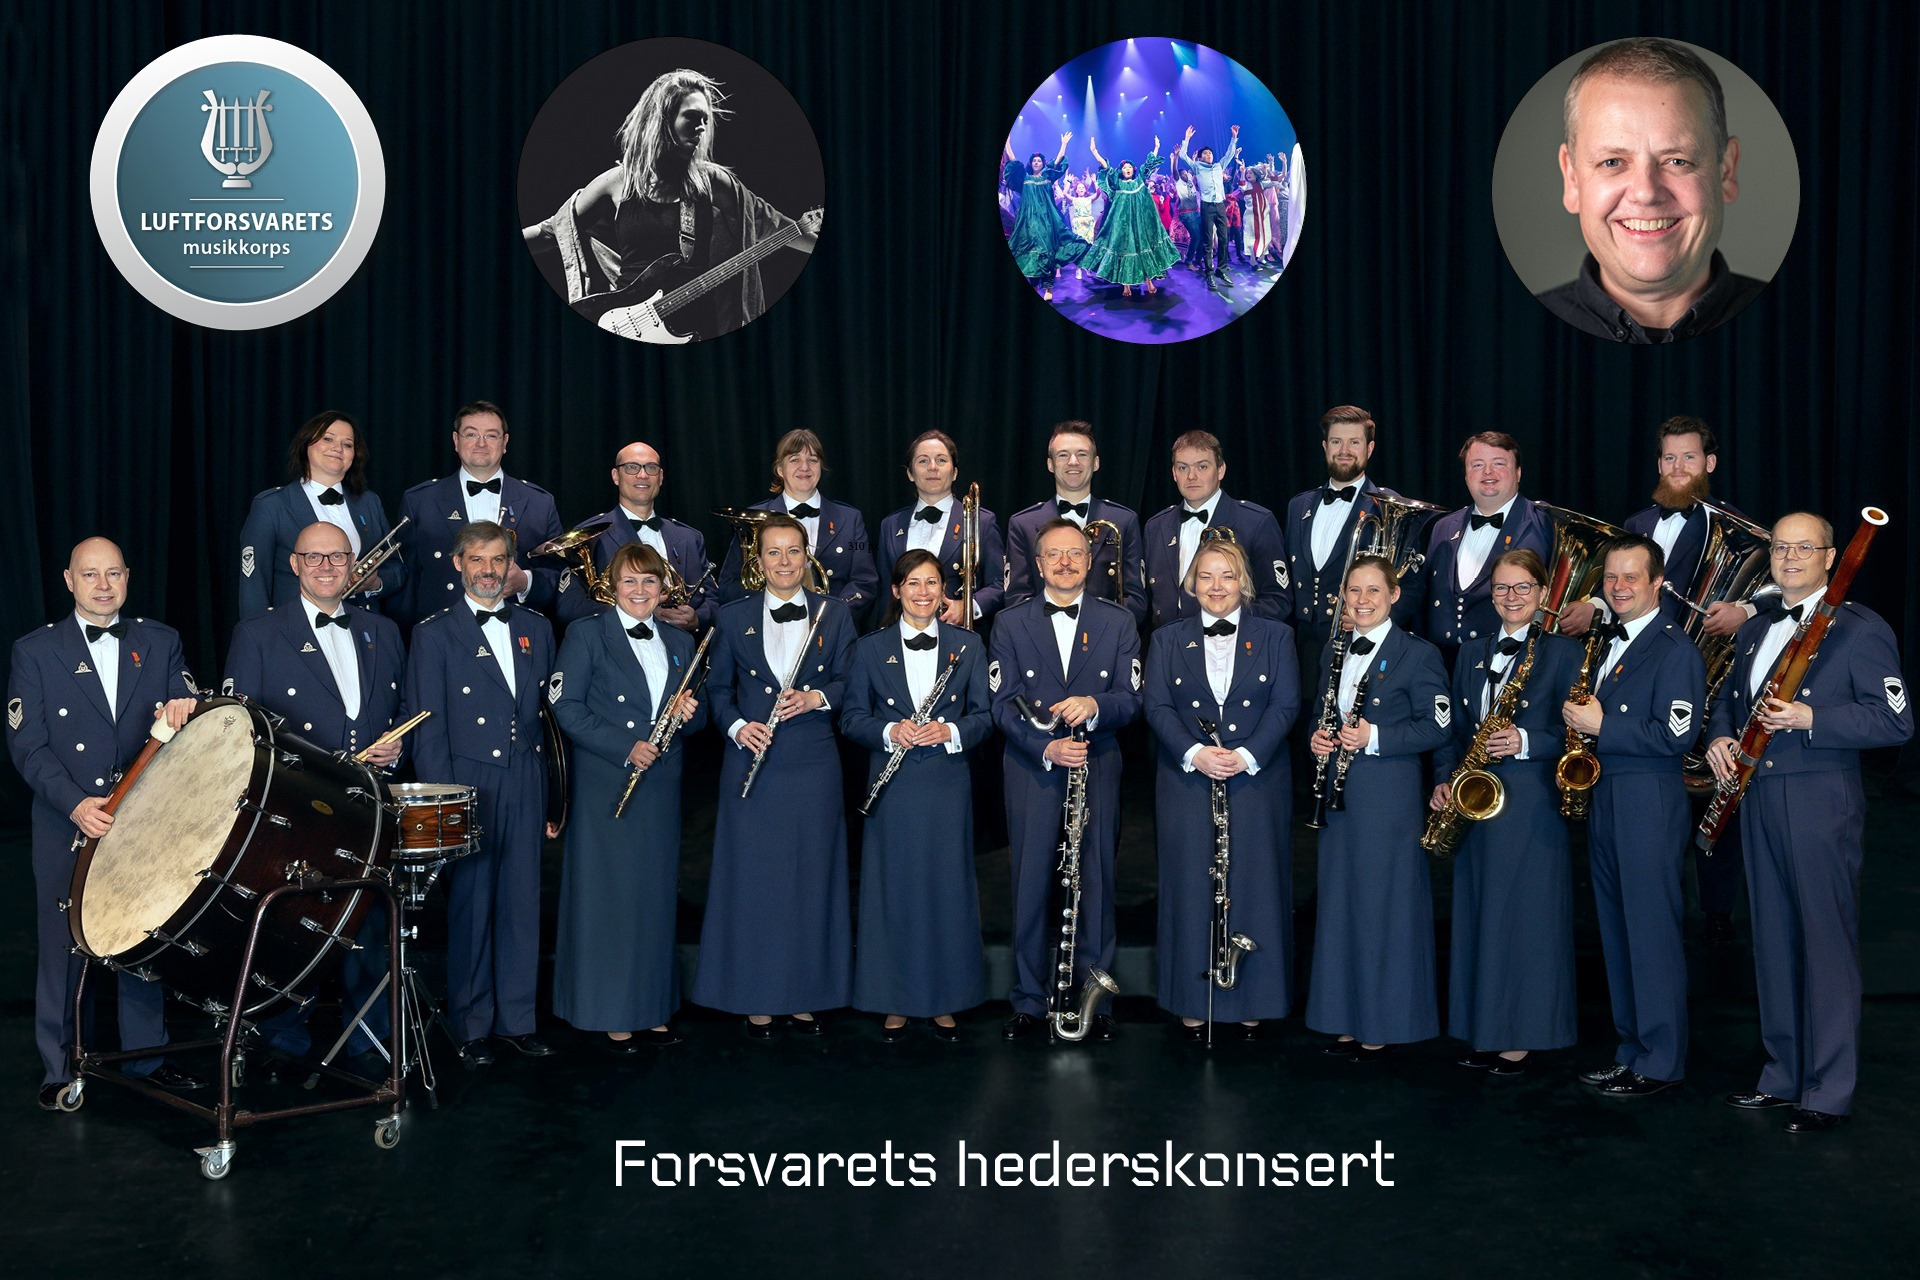 Forsvarets hederskonsert.jpg